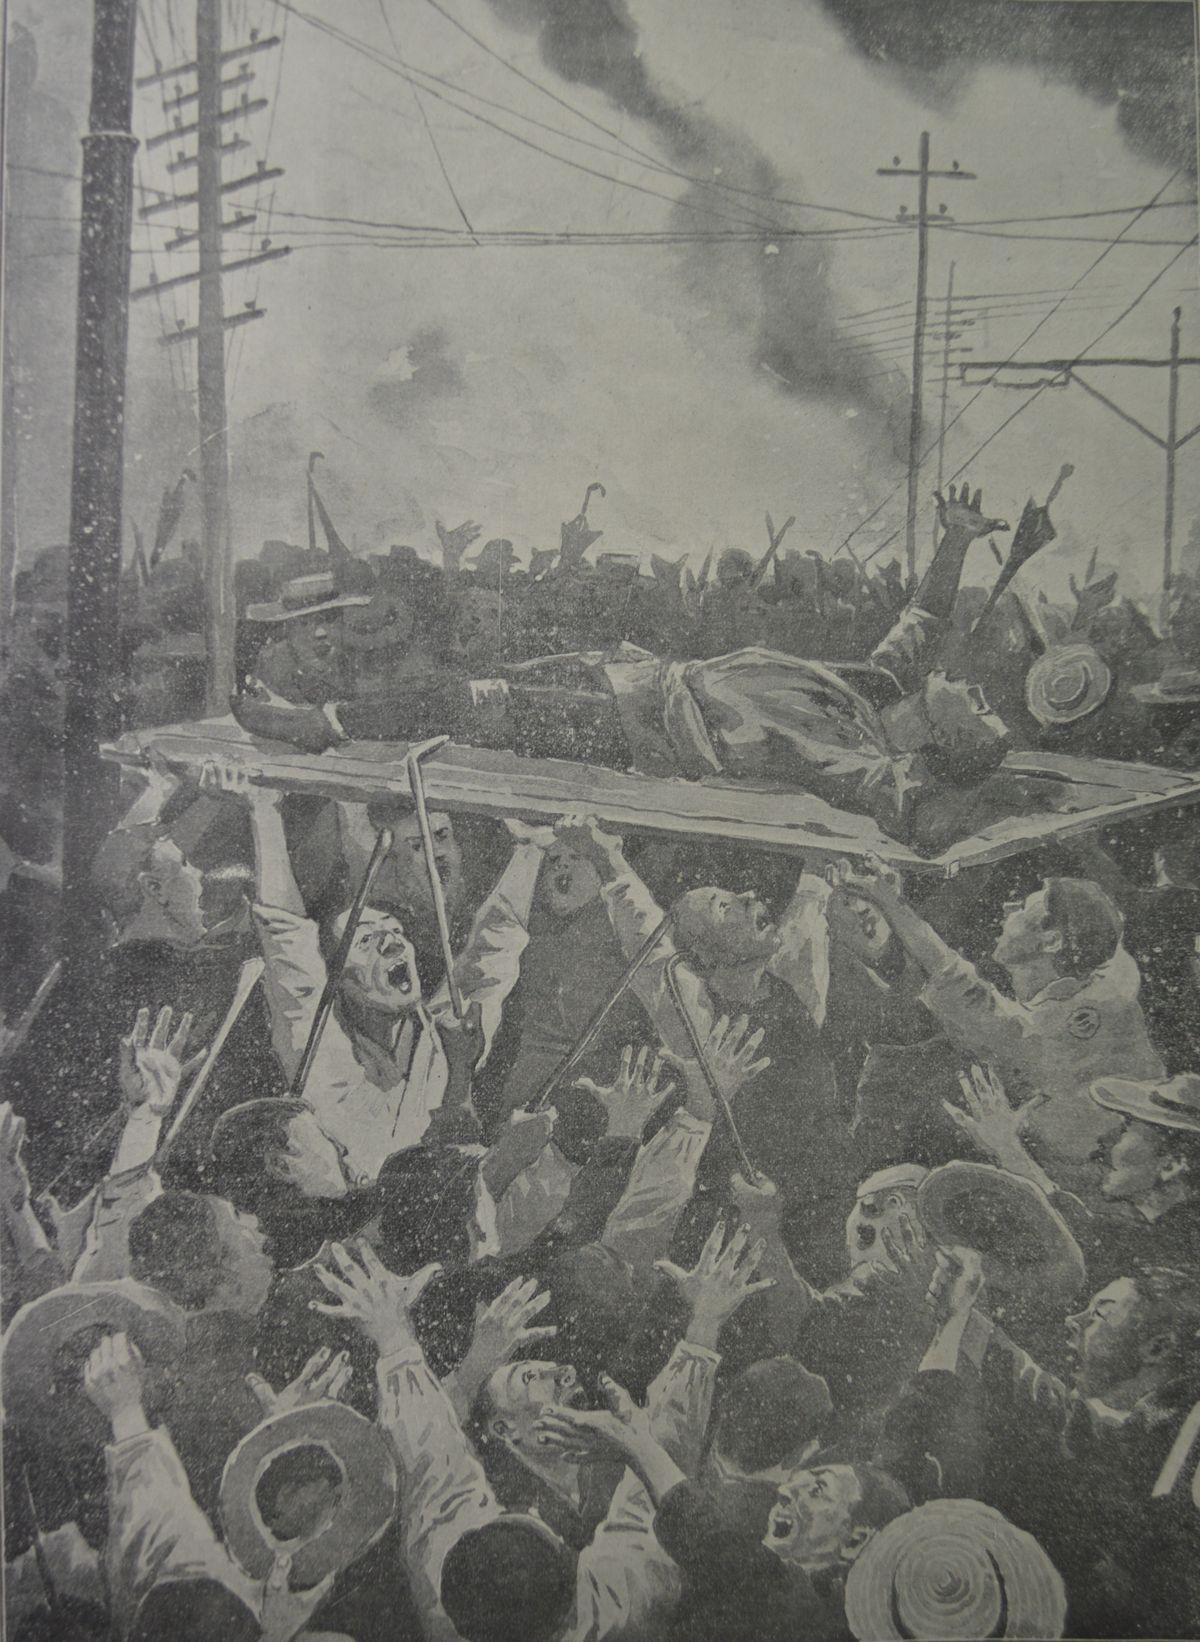 写真・図版 : 日比谷焼き打ち事件を伝える「東京騒擾画報」(1905)から、戸板に載せたけが人を神輿のように担いで騒ぐ群衆=東京都立図書館所蔵